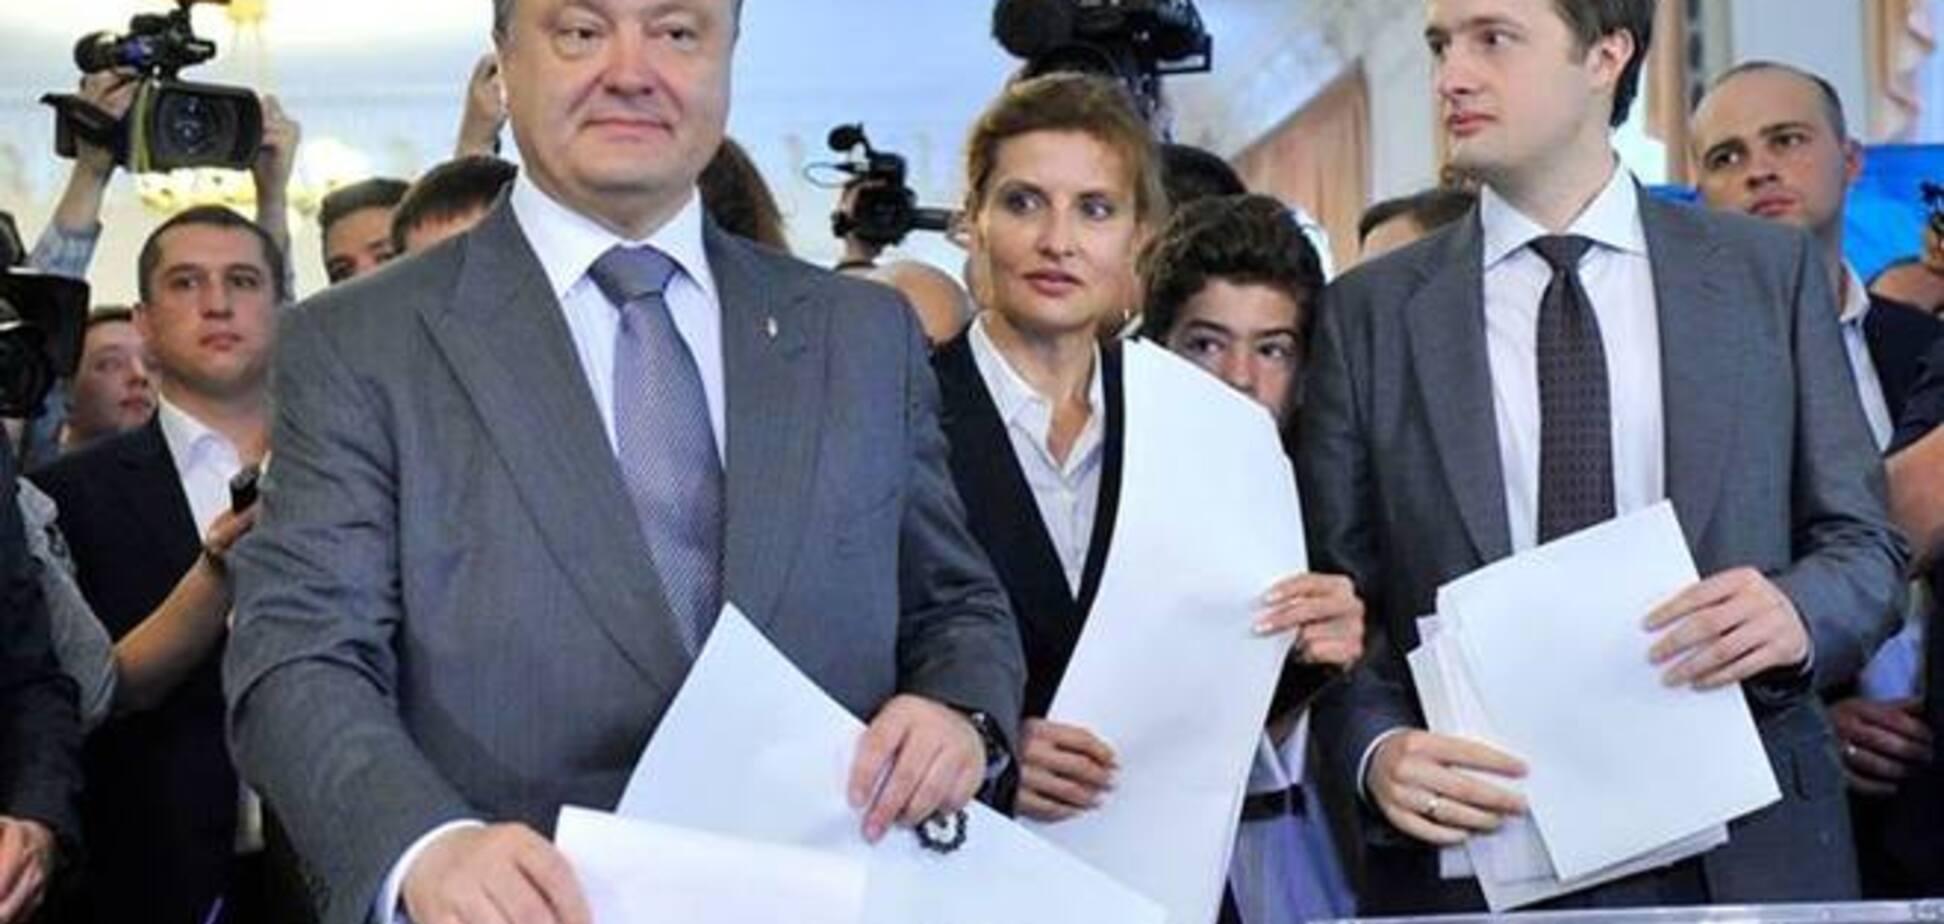 Кума Порошенко 'слила' СМИ тайну его семьи